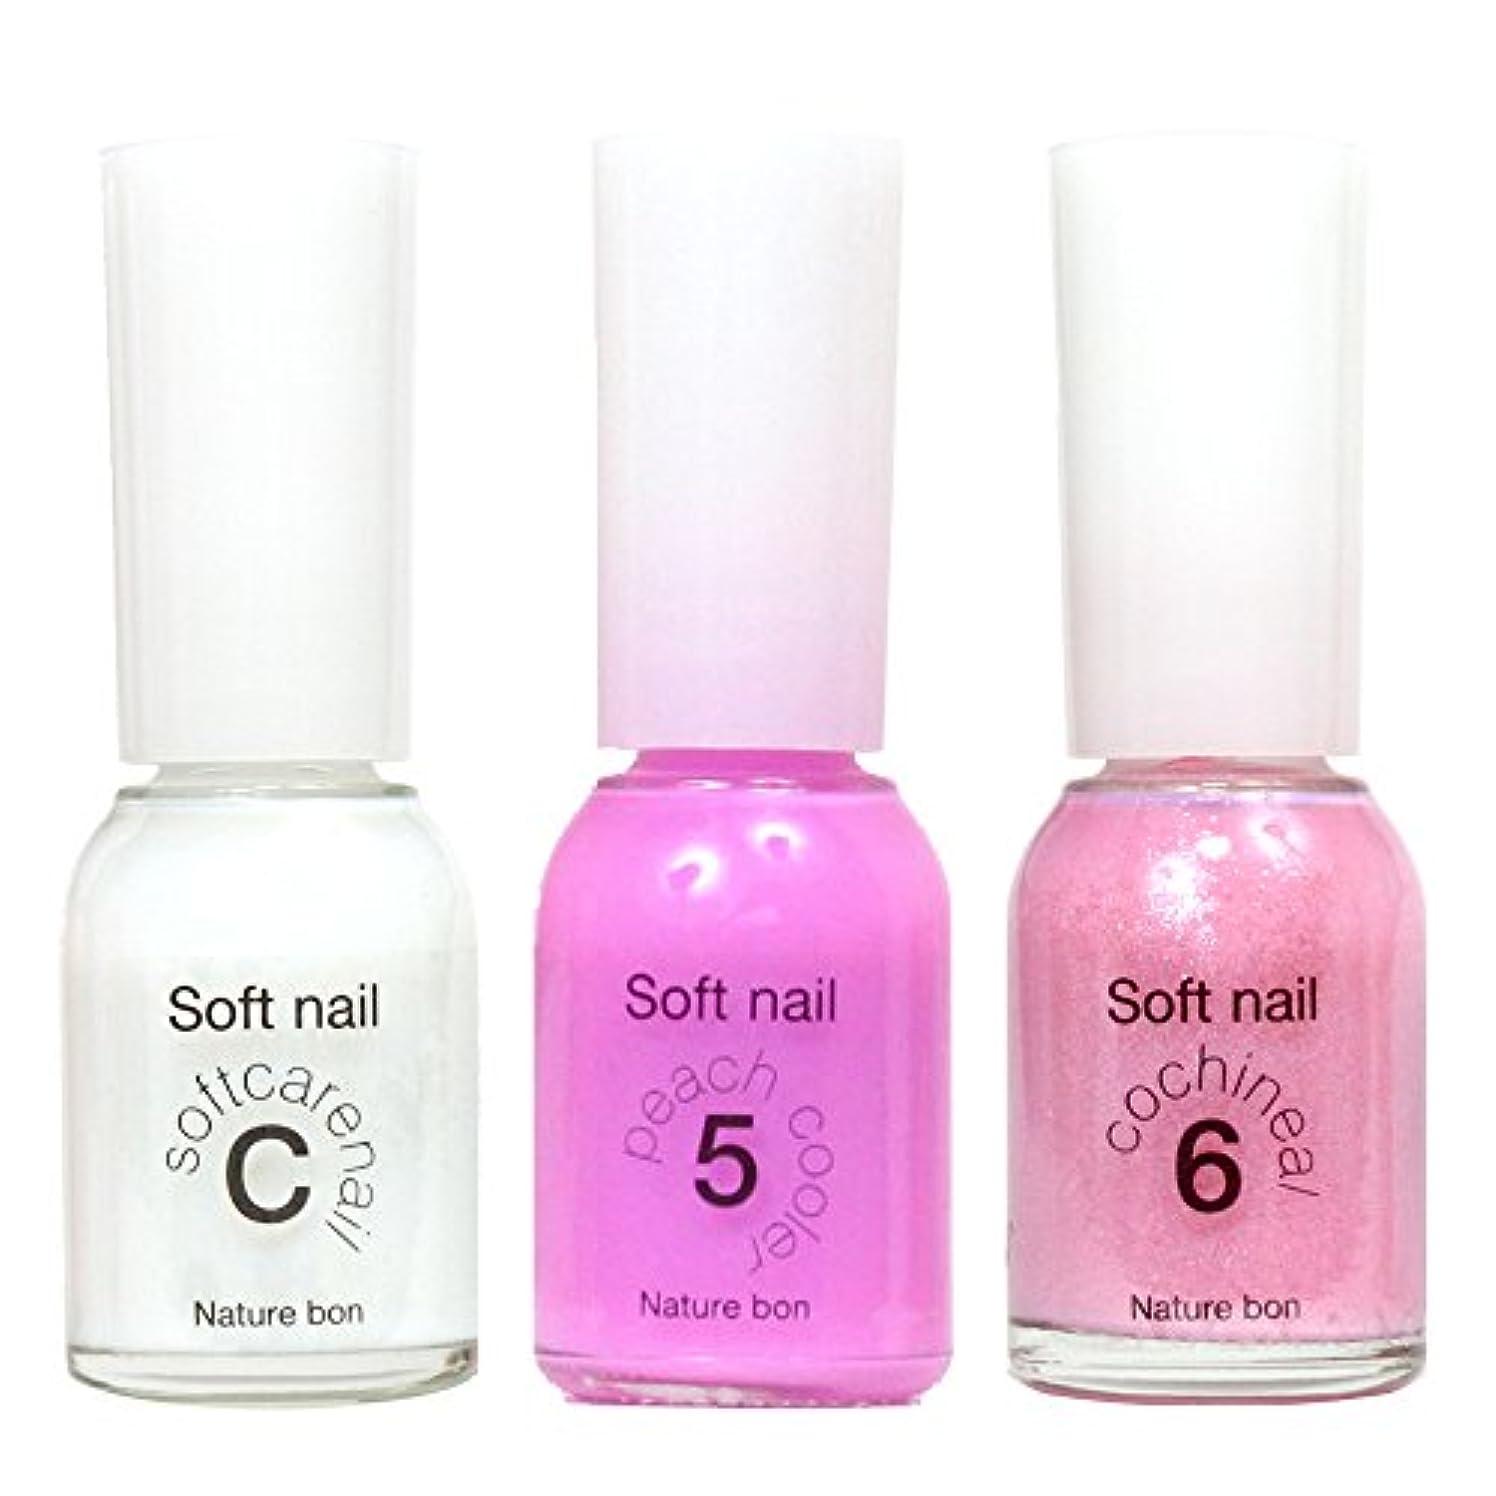 パイルゆるい均等に胡粉ネイル C-ケアートップコート,5-水桃(ピーチクーラー),6-コチニール(キラキラ薄ピンク) 合計3本セット ワンデイネイルc56